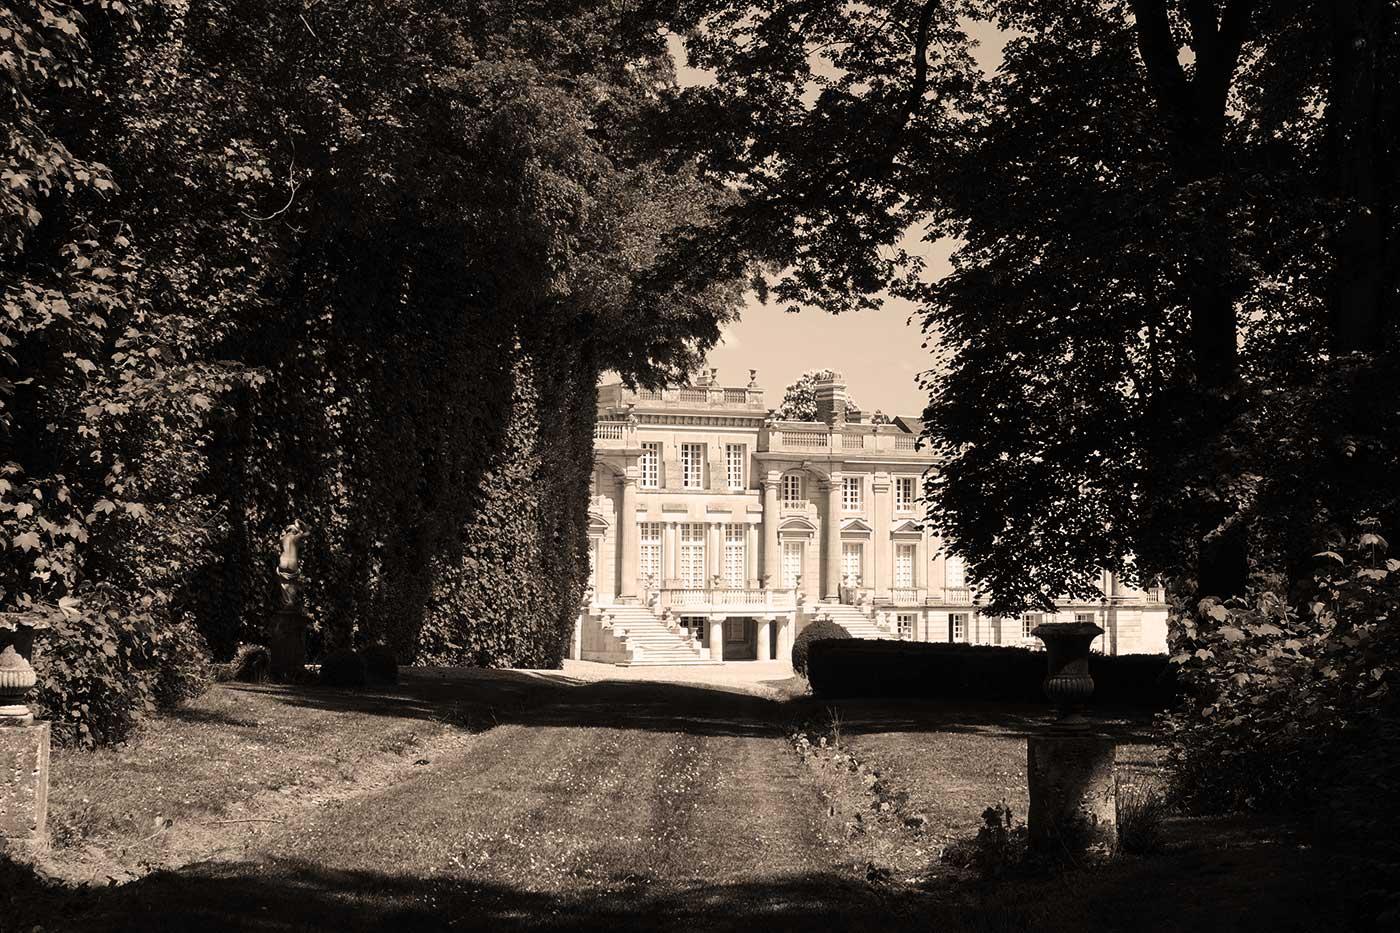 visite guidée, château de Versigny, Oise, tourisme, Hauts-de-France, visite en famille, parc et nature, randonnée culturelle